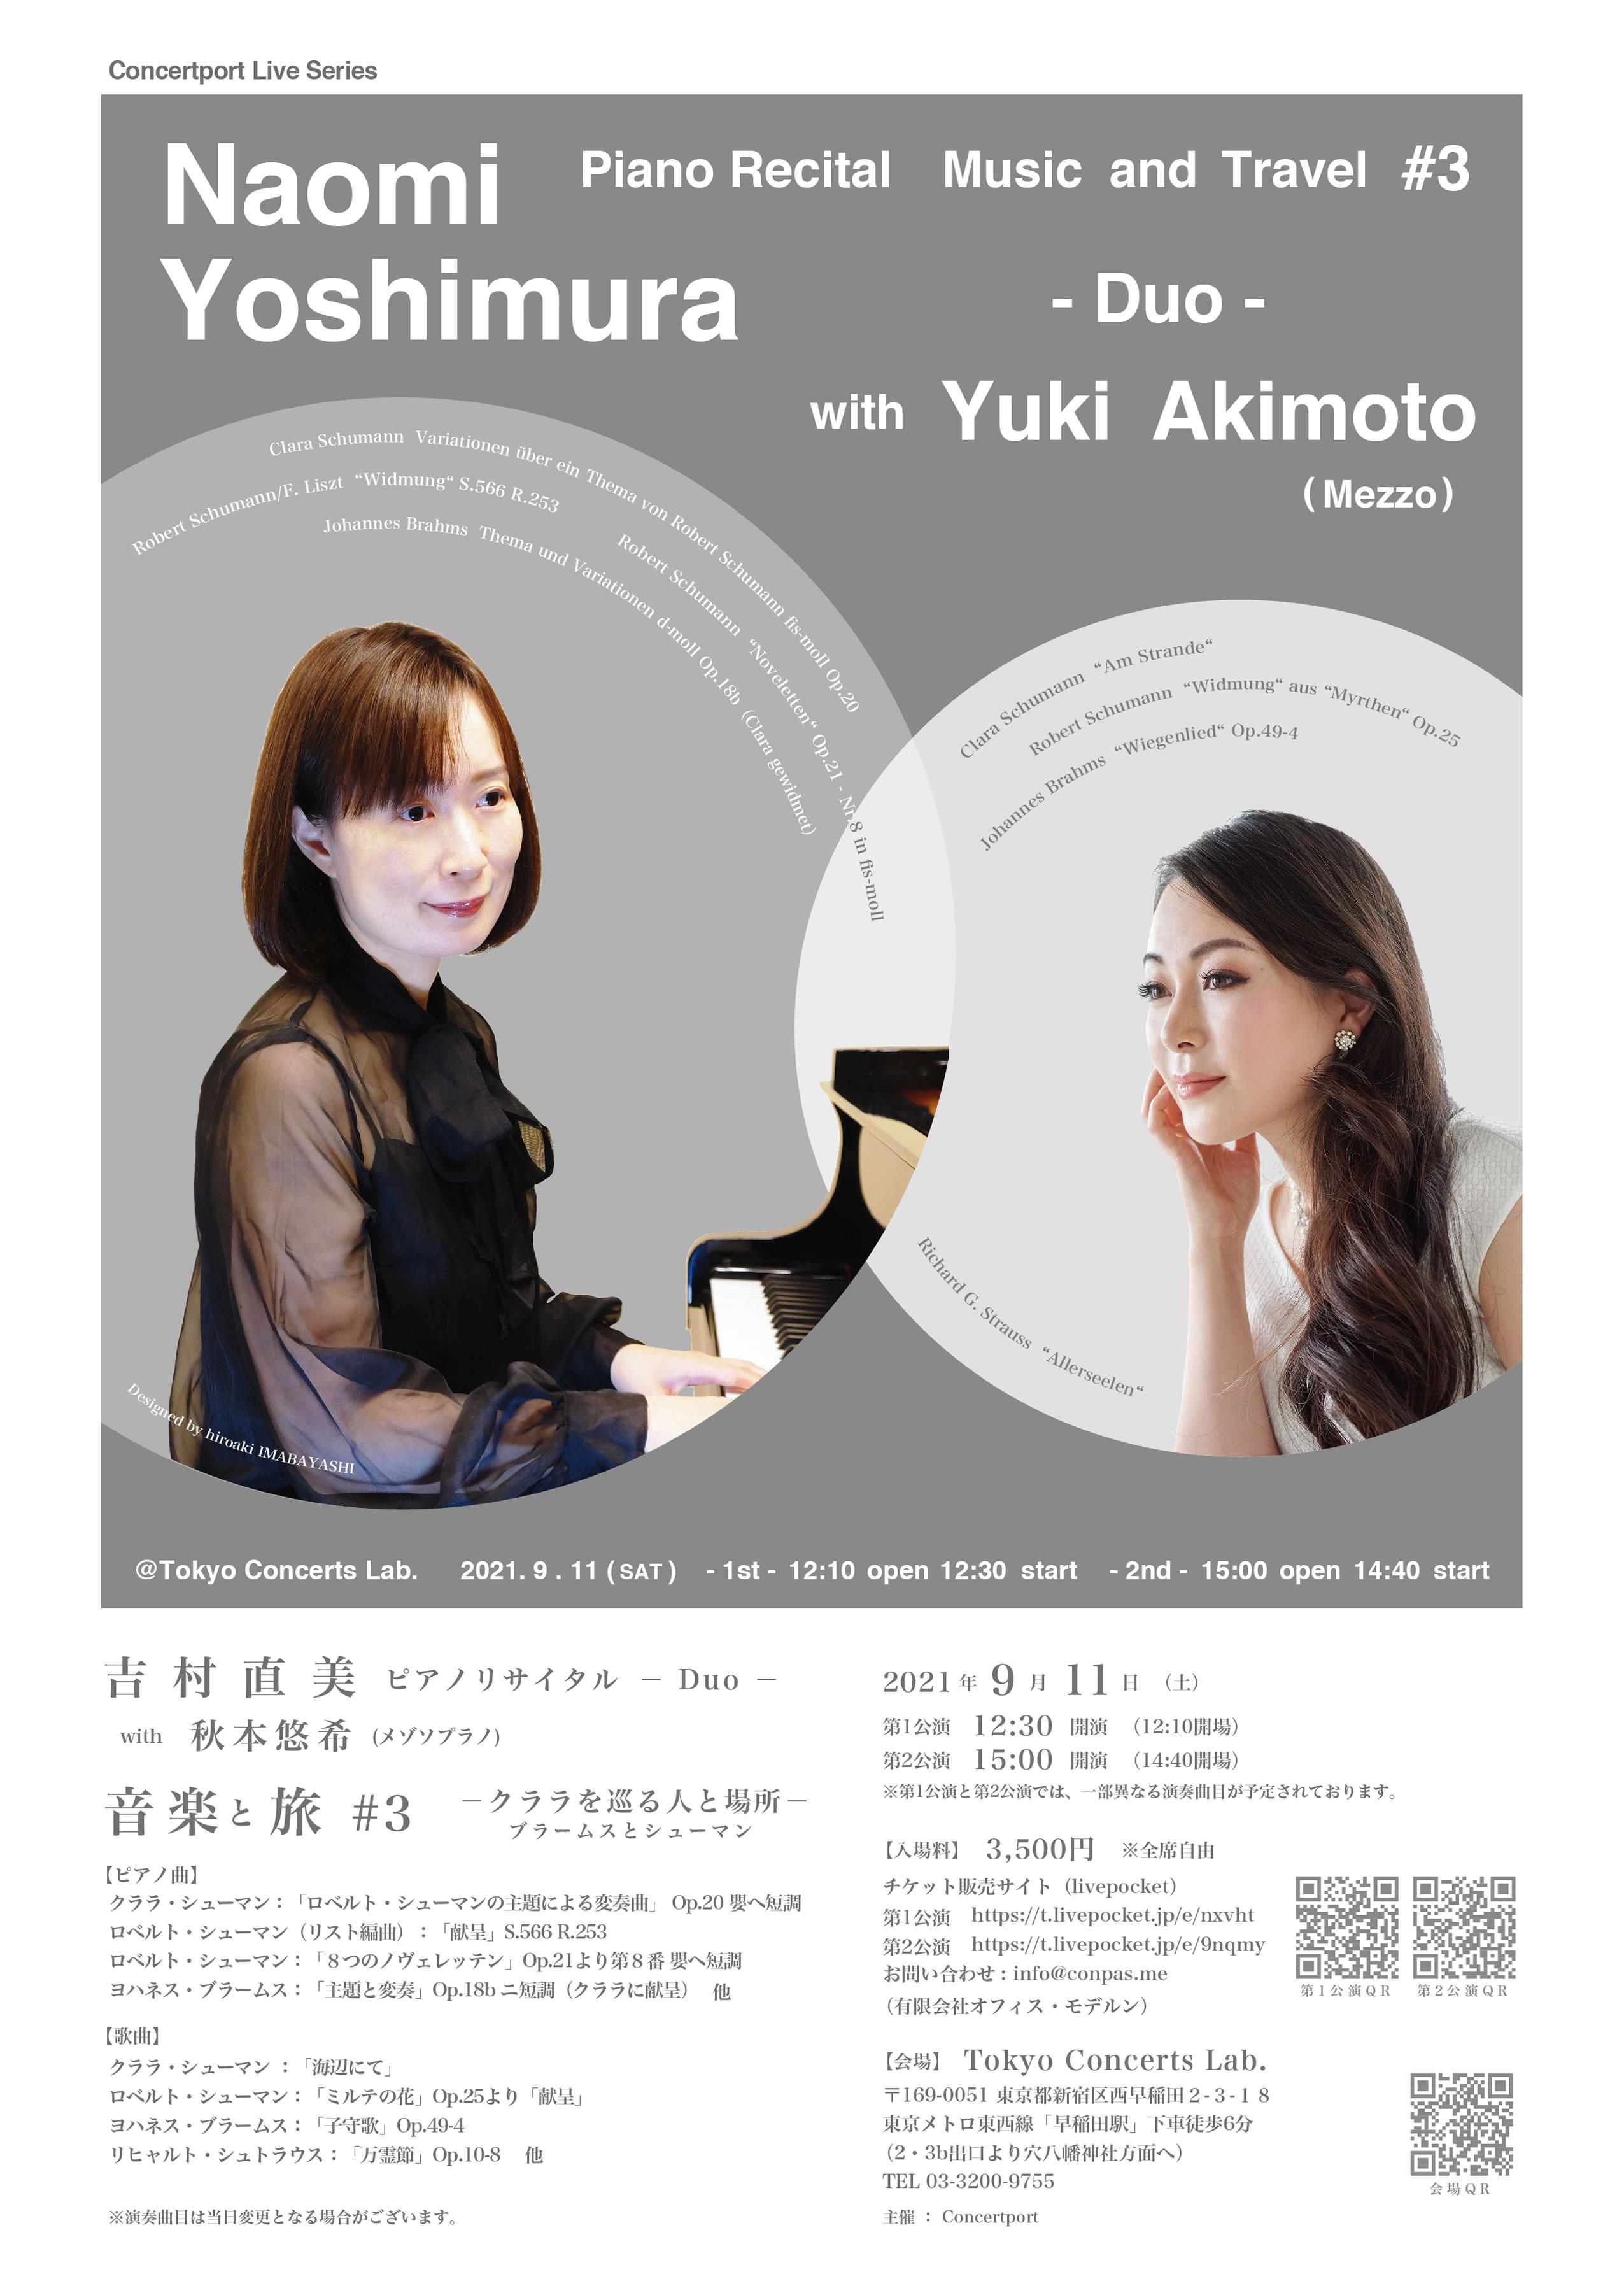 吉村直美ピアノリサイタル 音楽と旅 #3(第1公演)